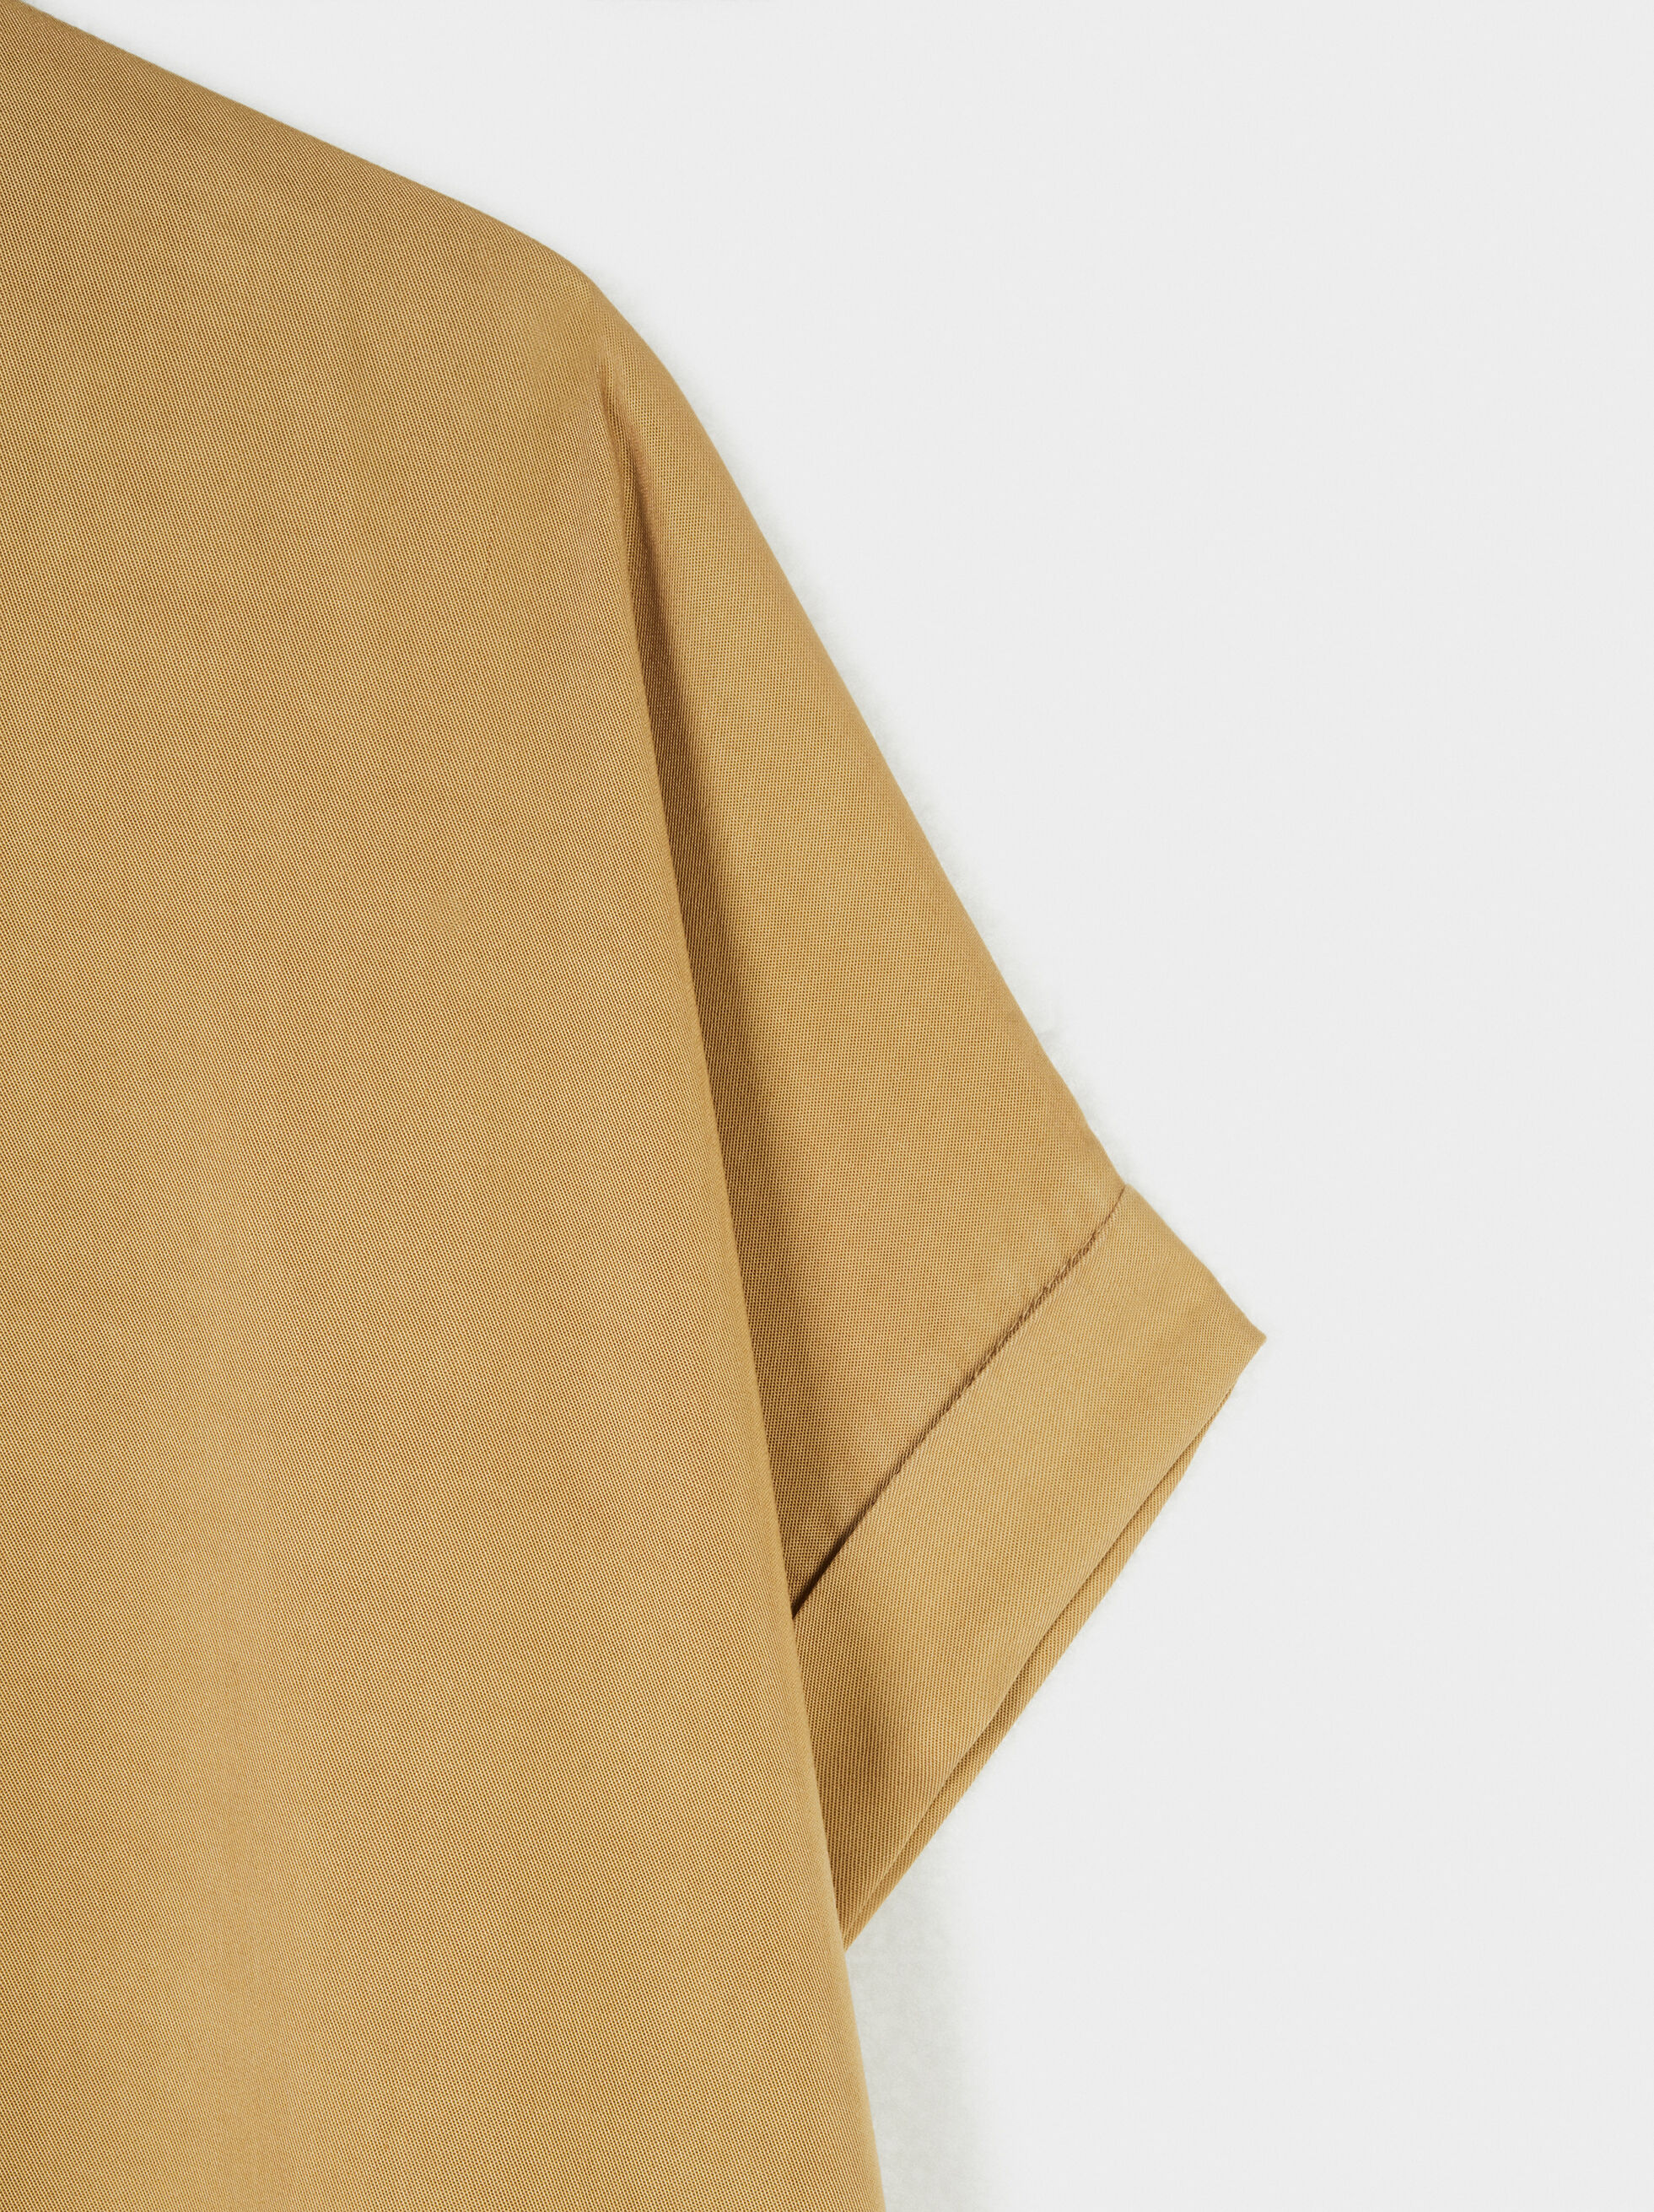 Online Exclusive Round-Neck Dress, Camel, hi-res